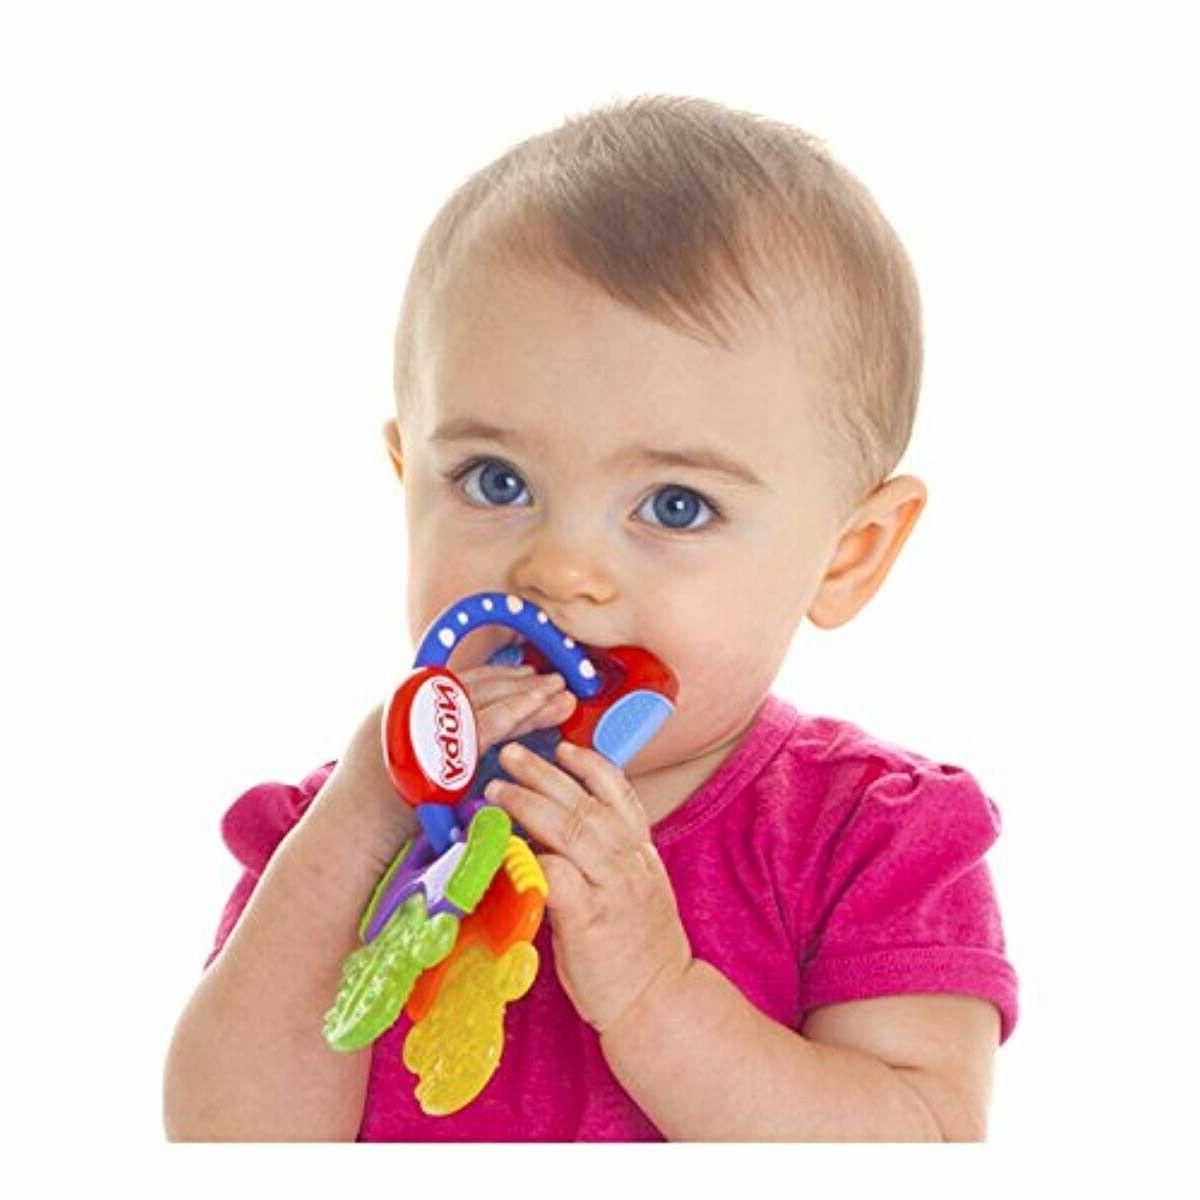 Nuby Keys Gentle Baby Toddler Toy Colorful Teething